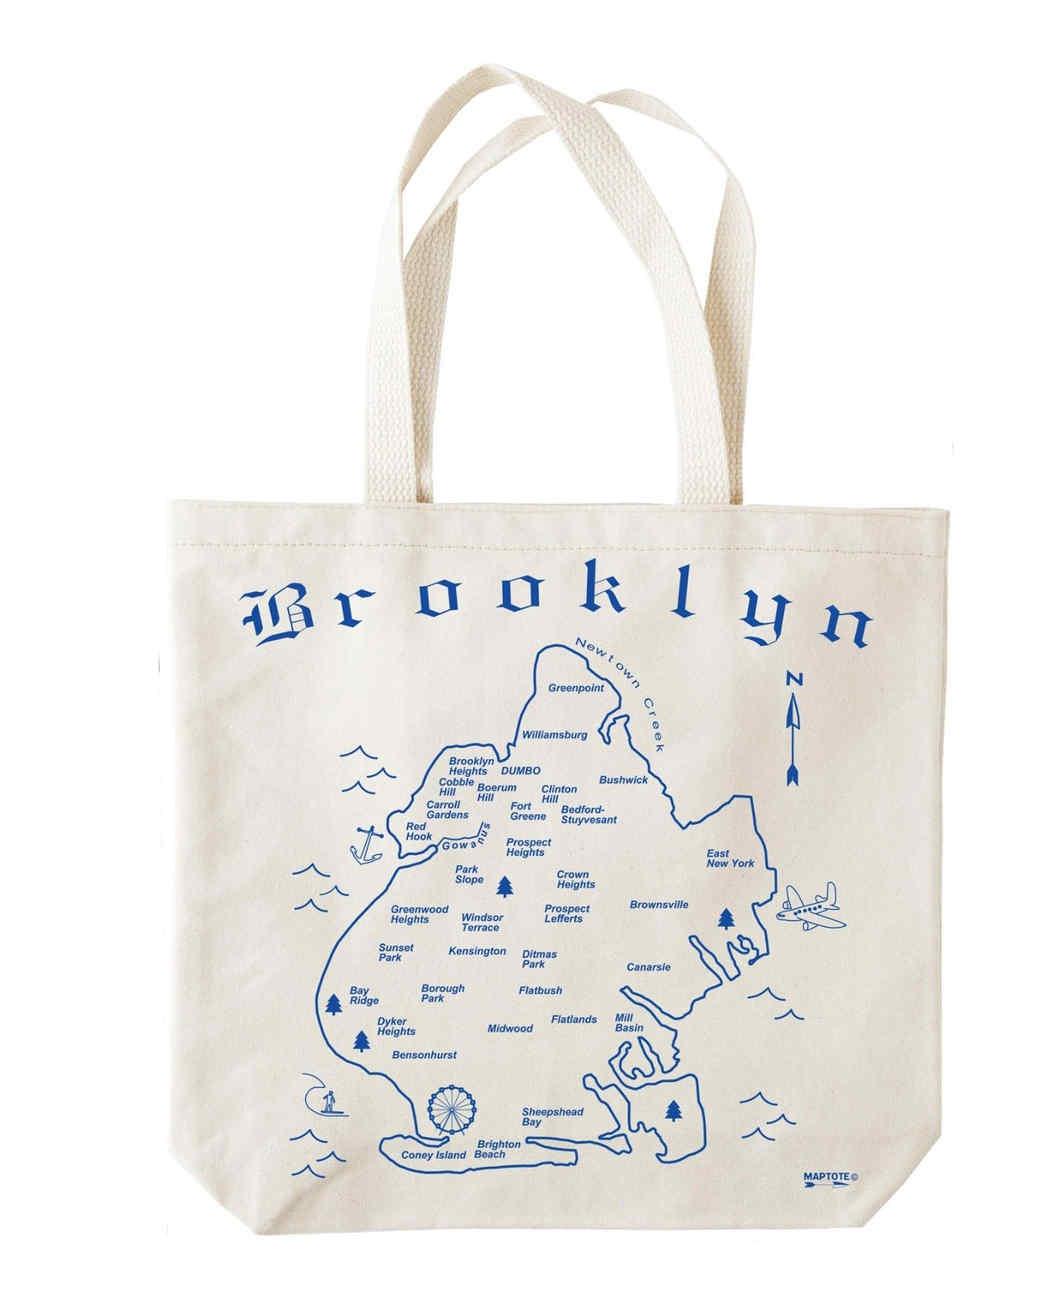 maptote-organic-brooklyn-tote-1014.jpg